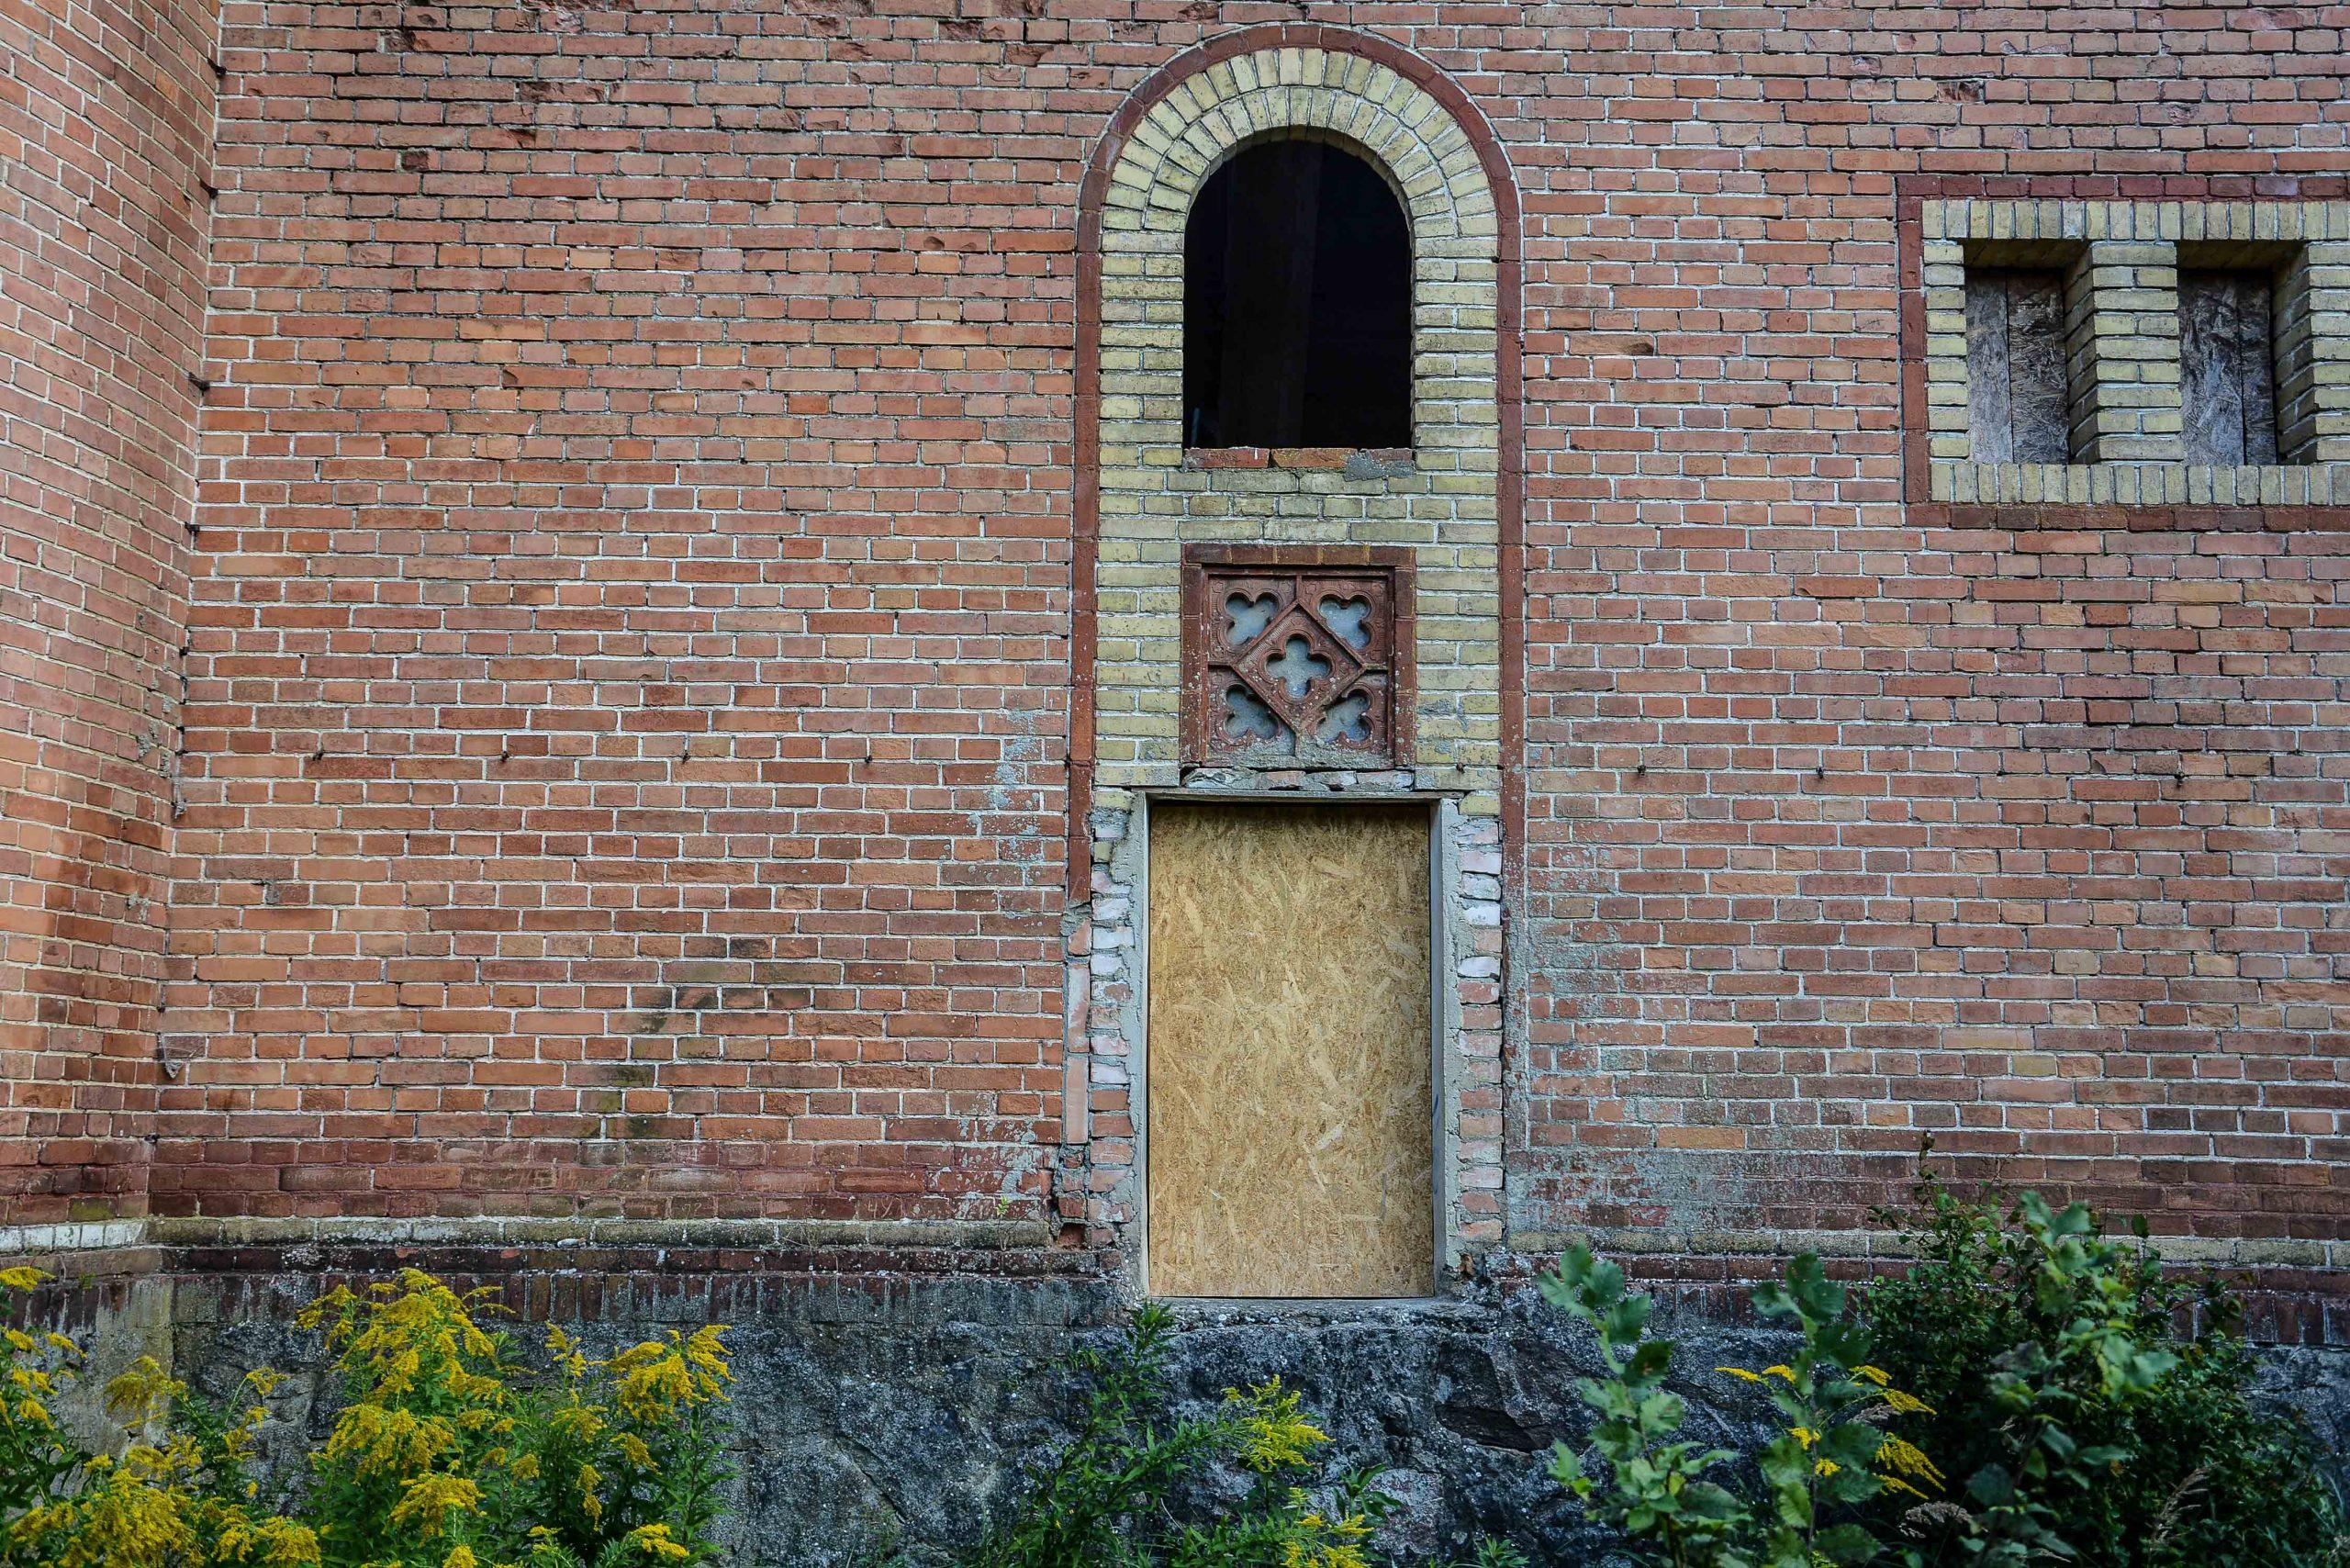 fenster details kornspeicher architektur historischer orientalismus herrenhaus gentzrode lost places brandenburg neuruppin gut gentzrode ost deutschland urbex abandoned